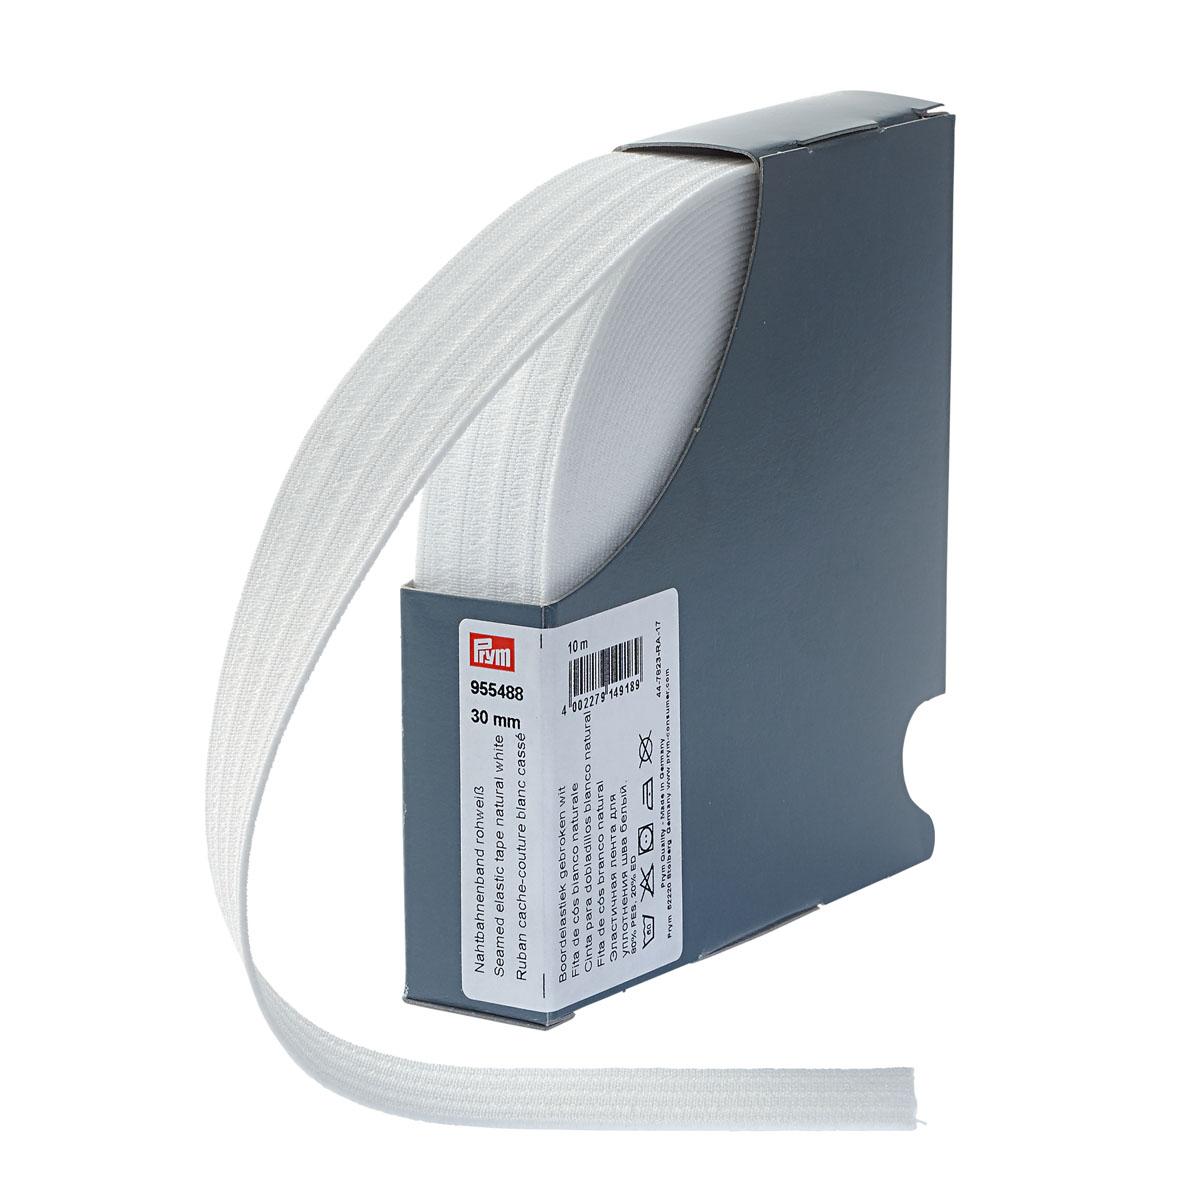 955488 Эластичная лента для уплотнения шва 30 мм белый, натуральный цв. Prym